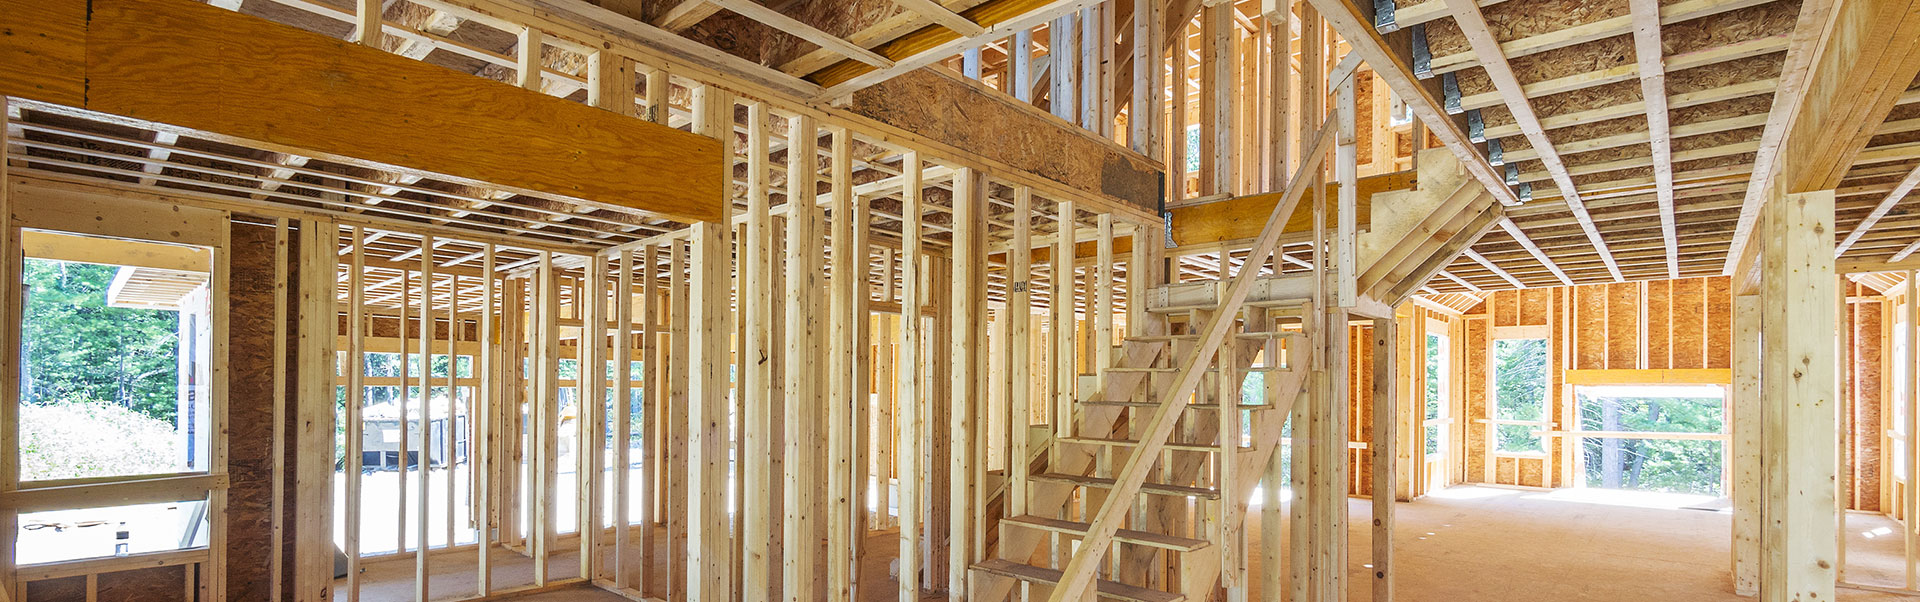 timber-housing-slider